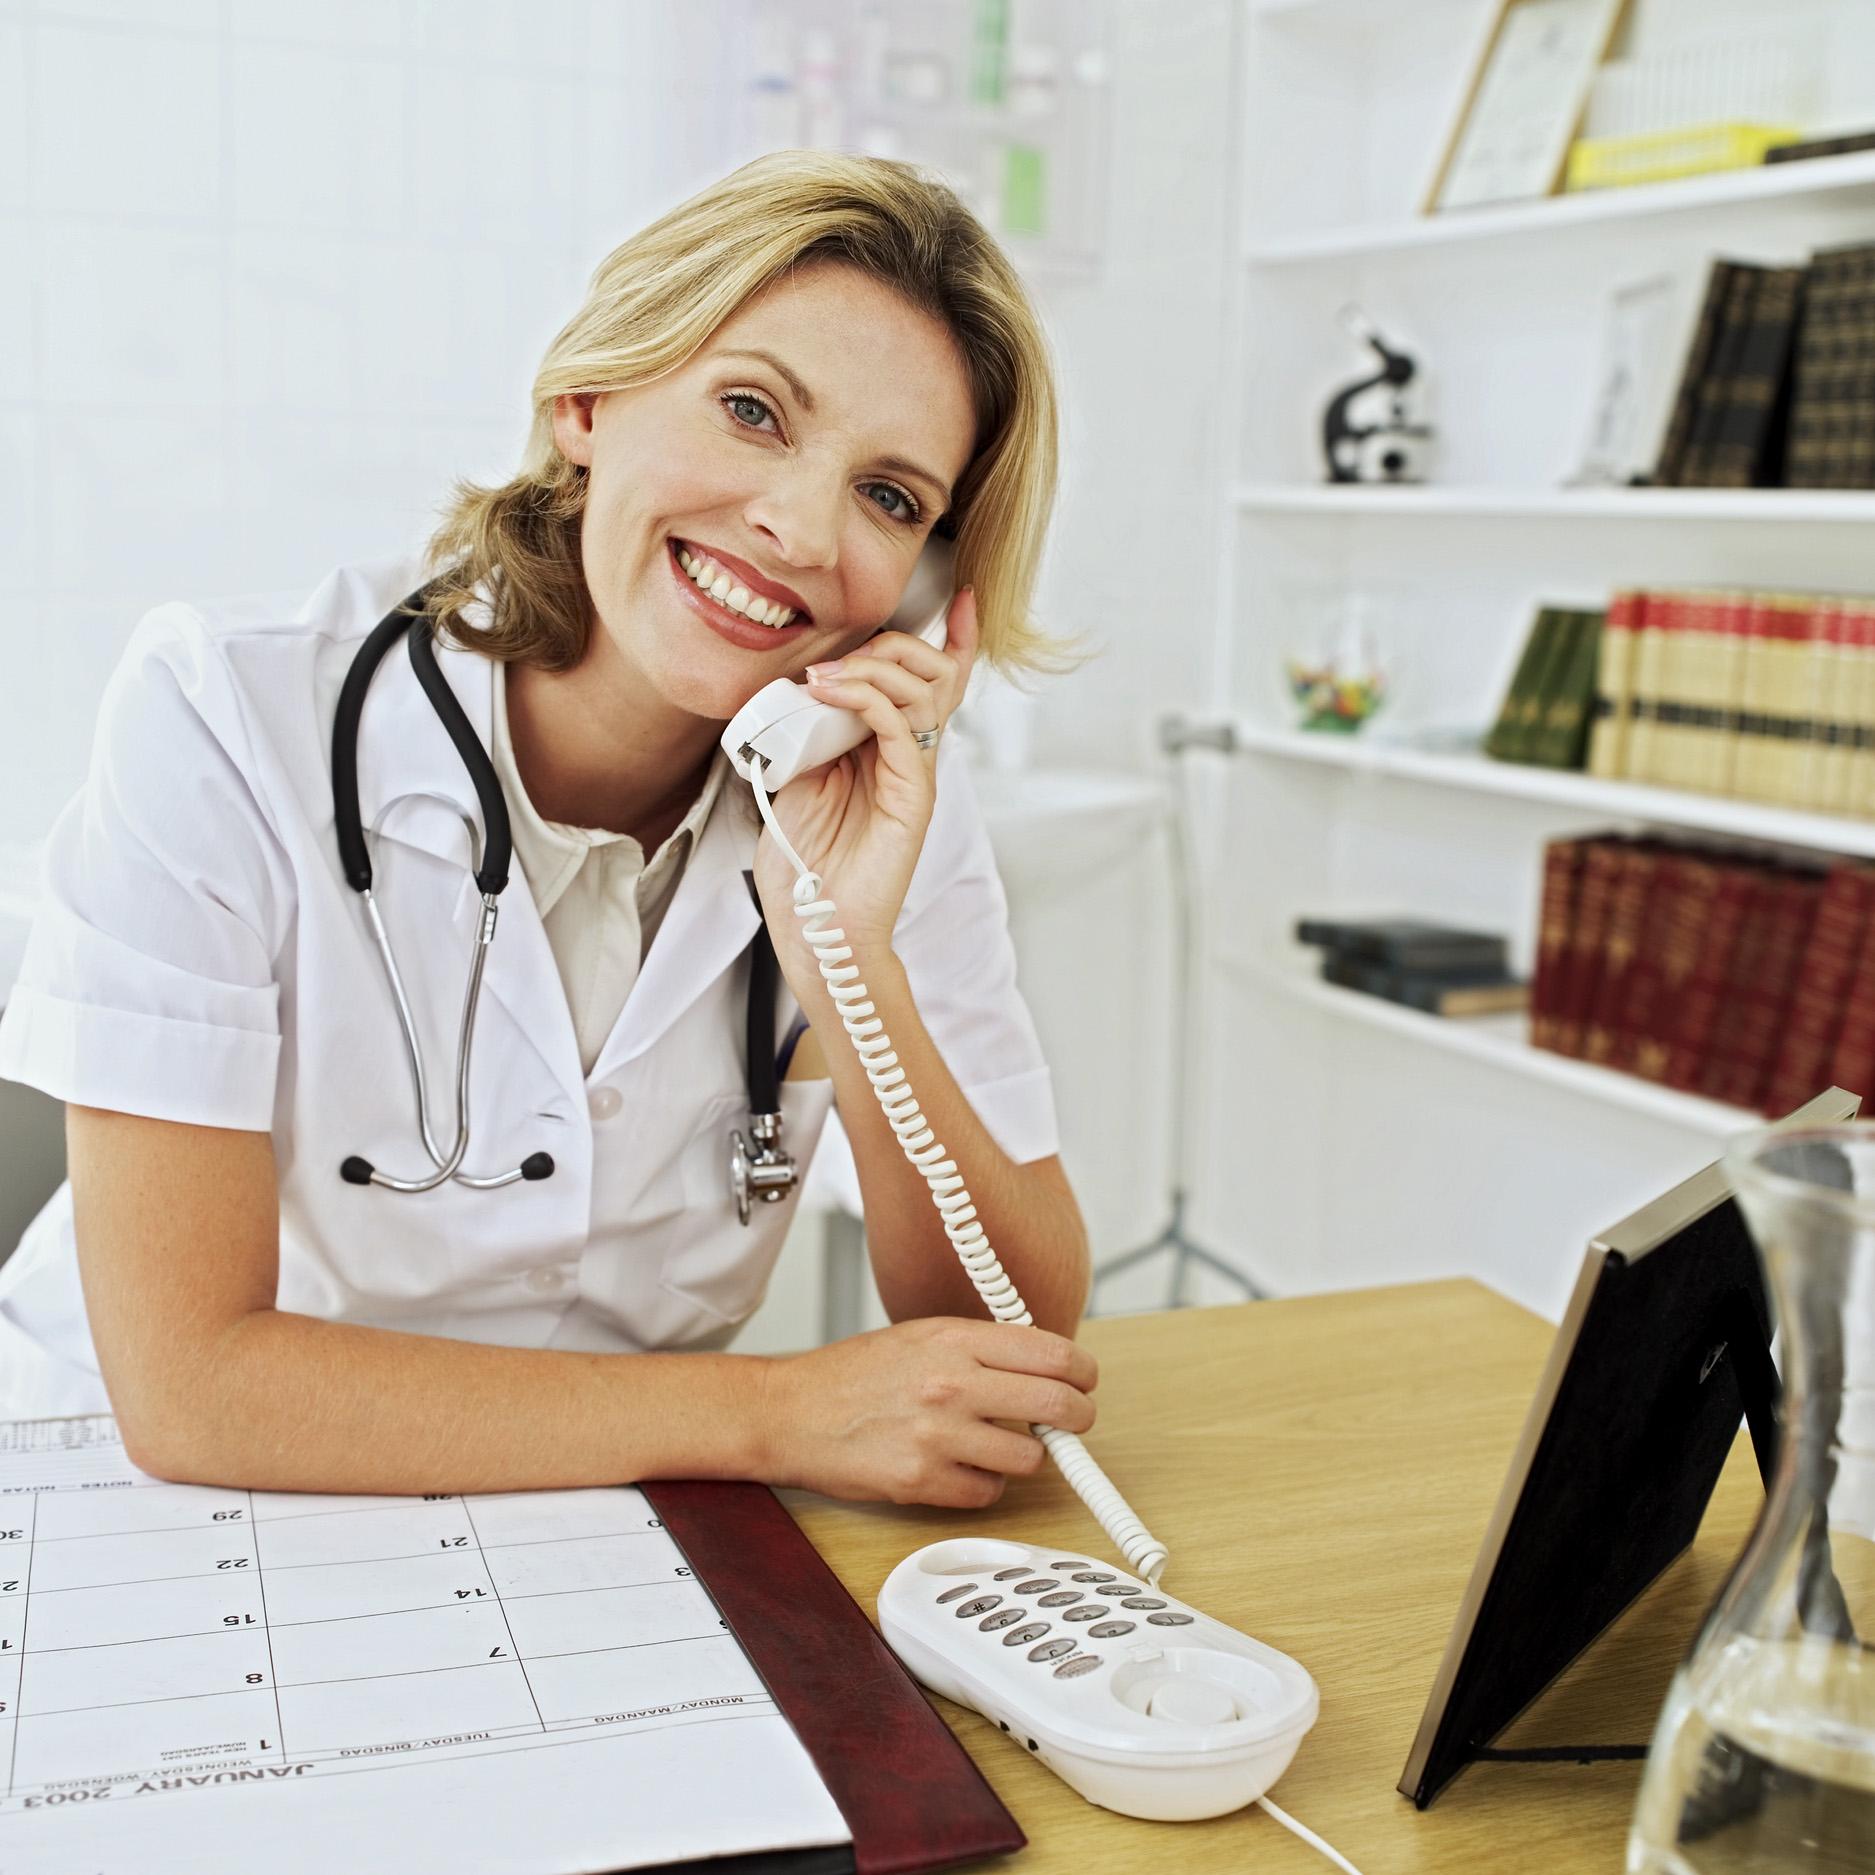 Telephone Nurse